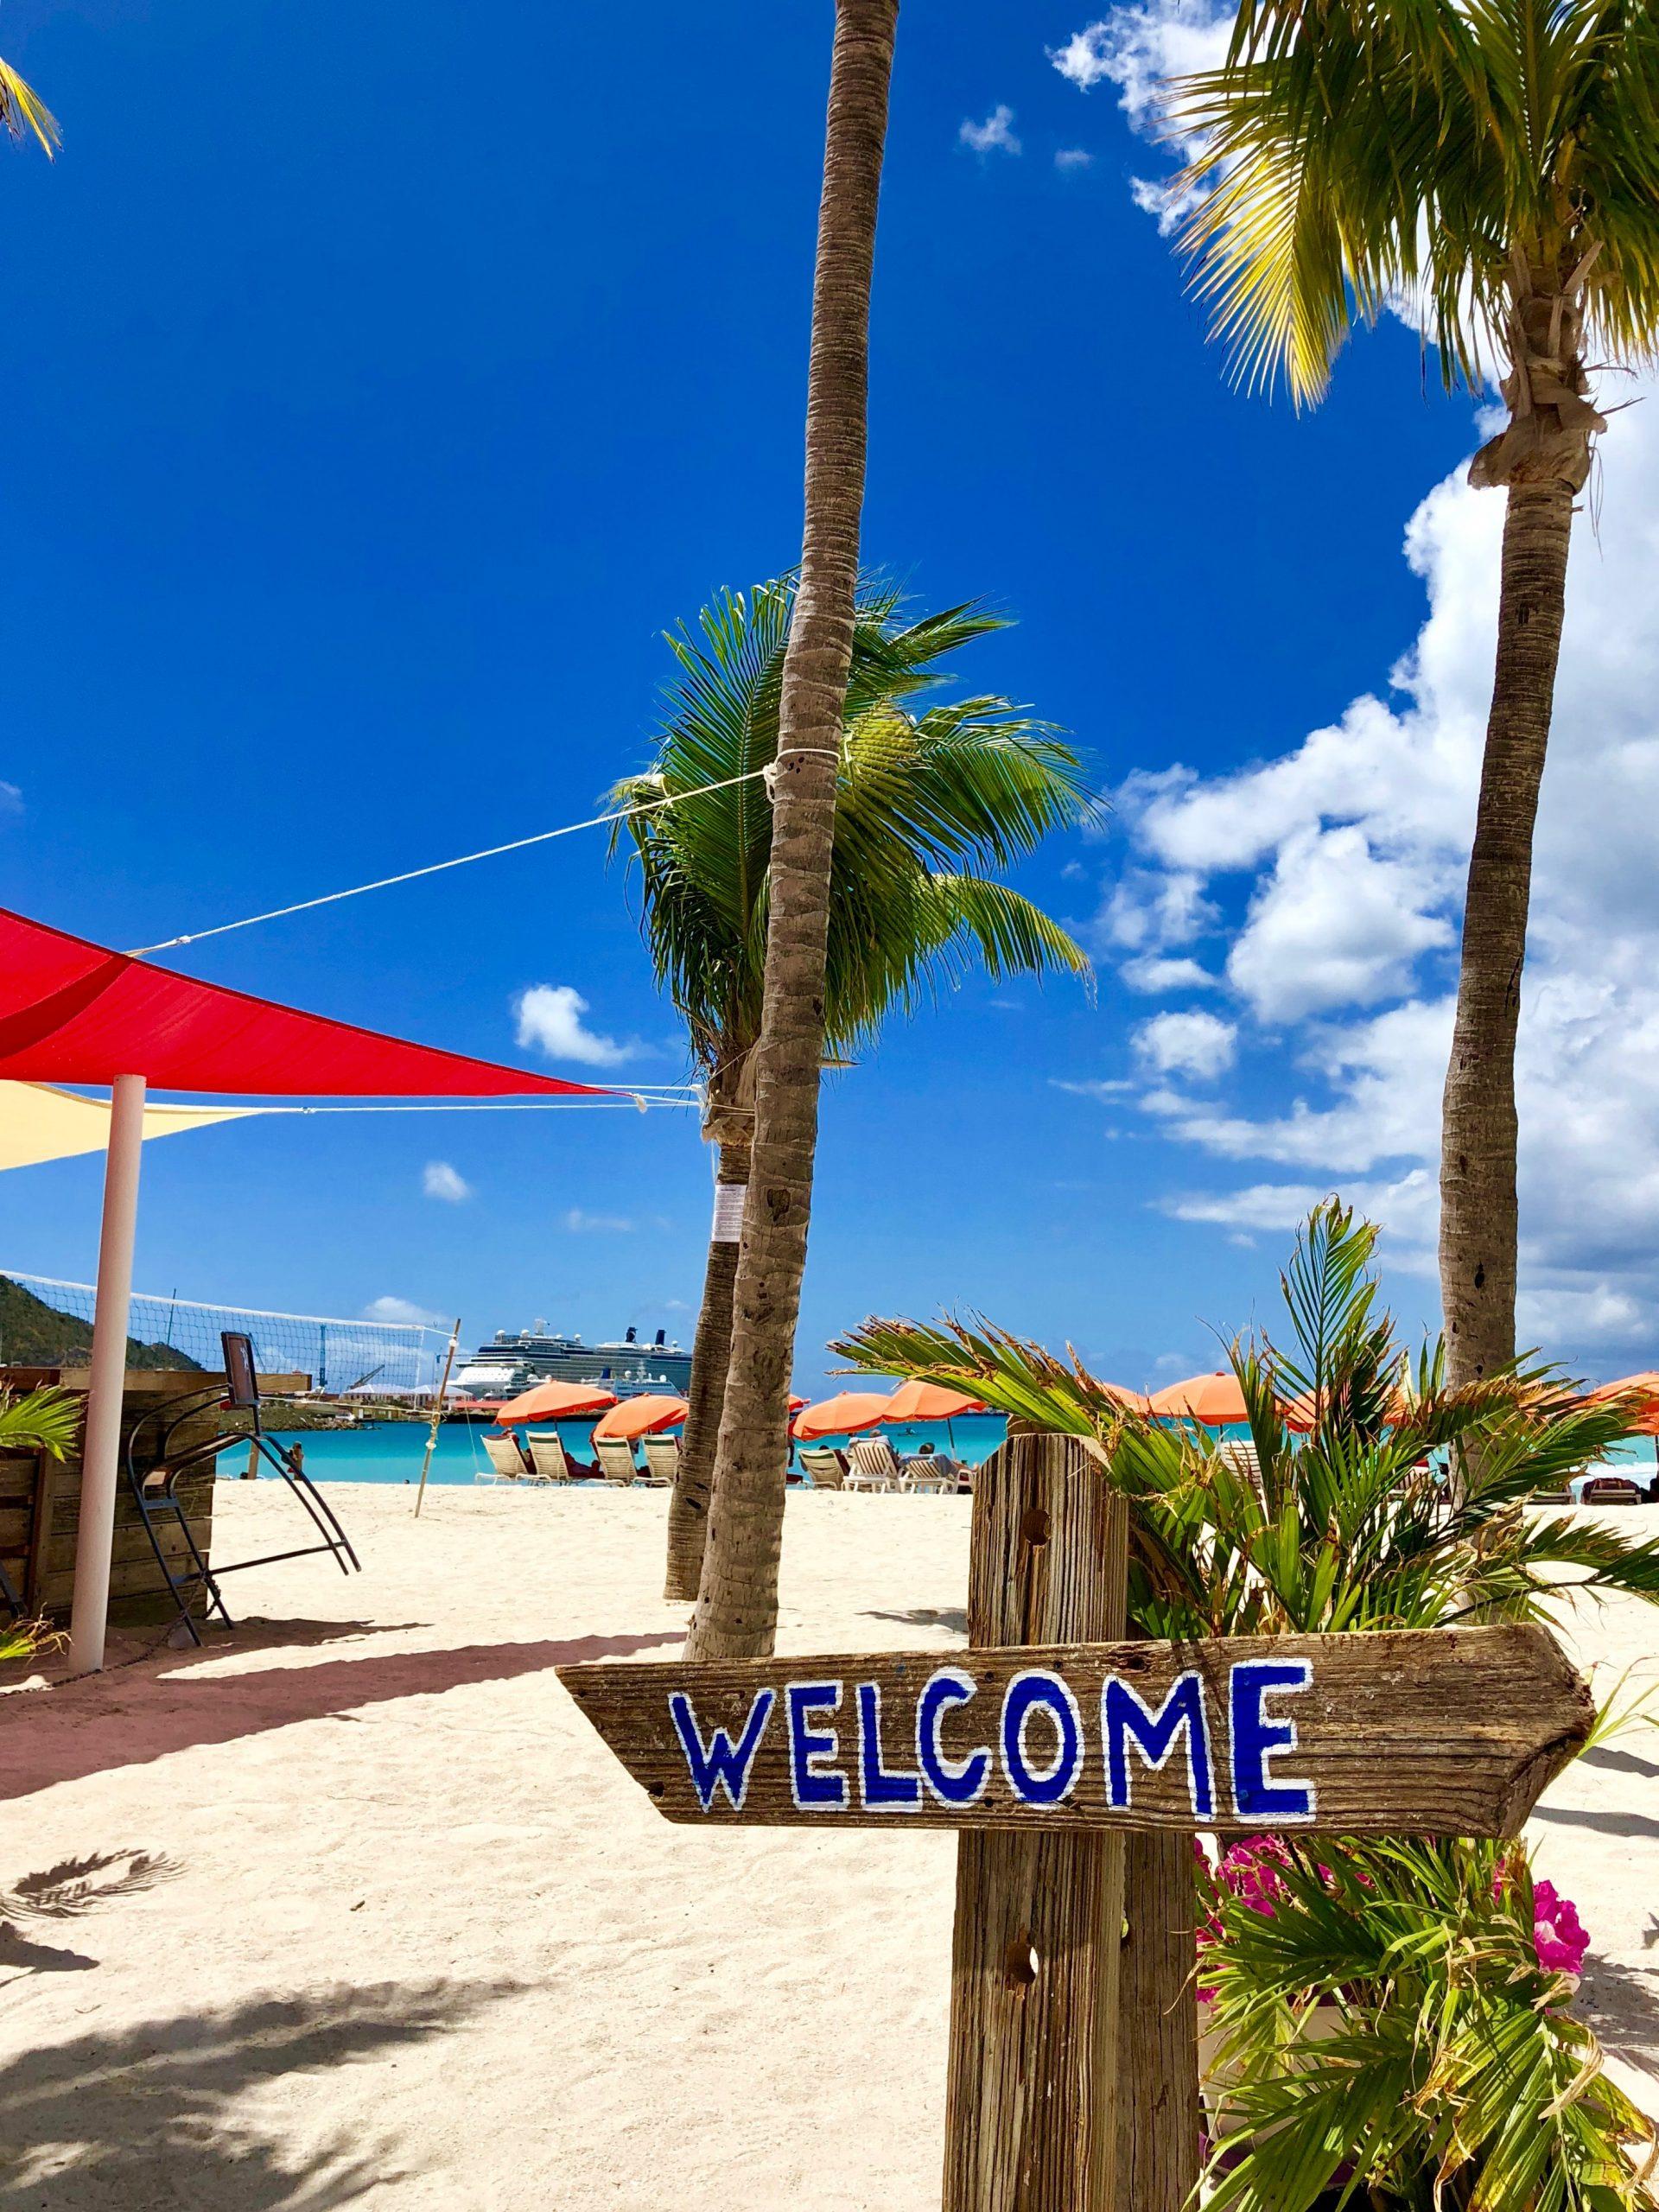 Skylt som säger Welcome på sandstrand i St Martin